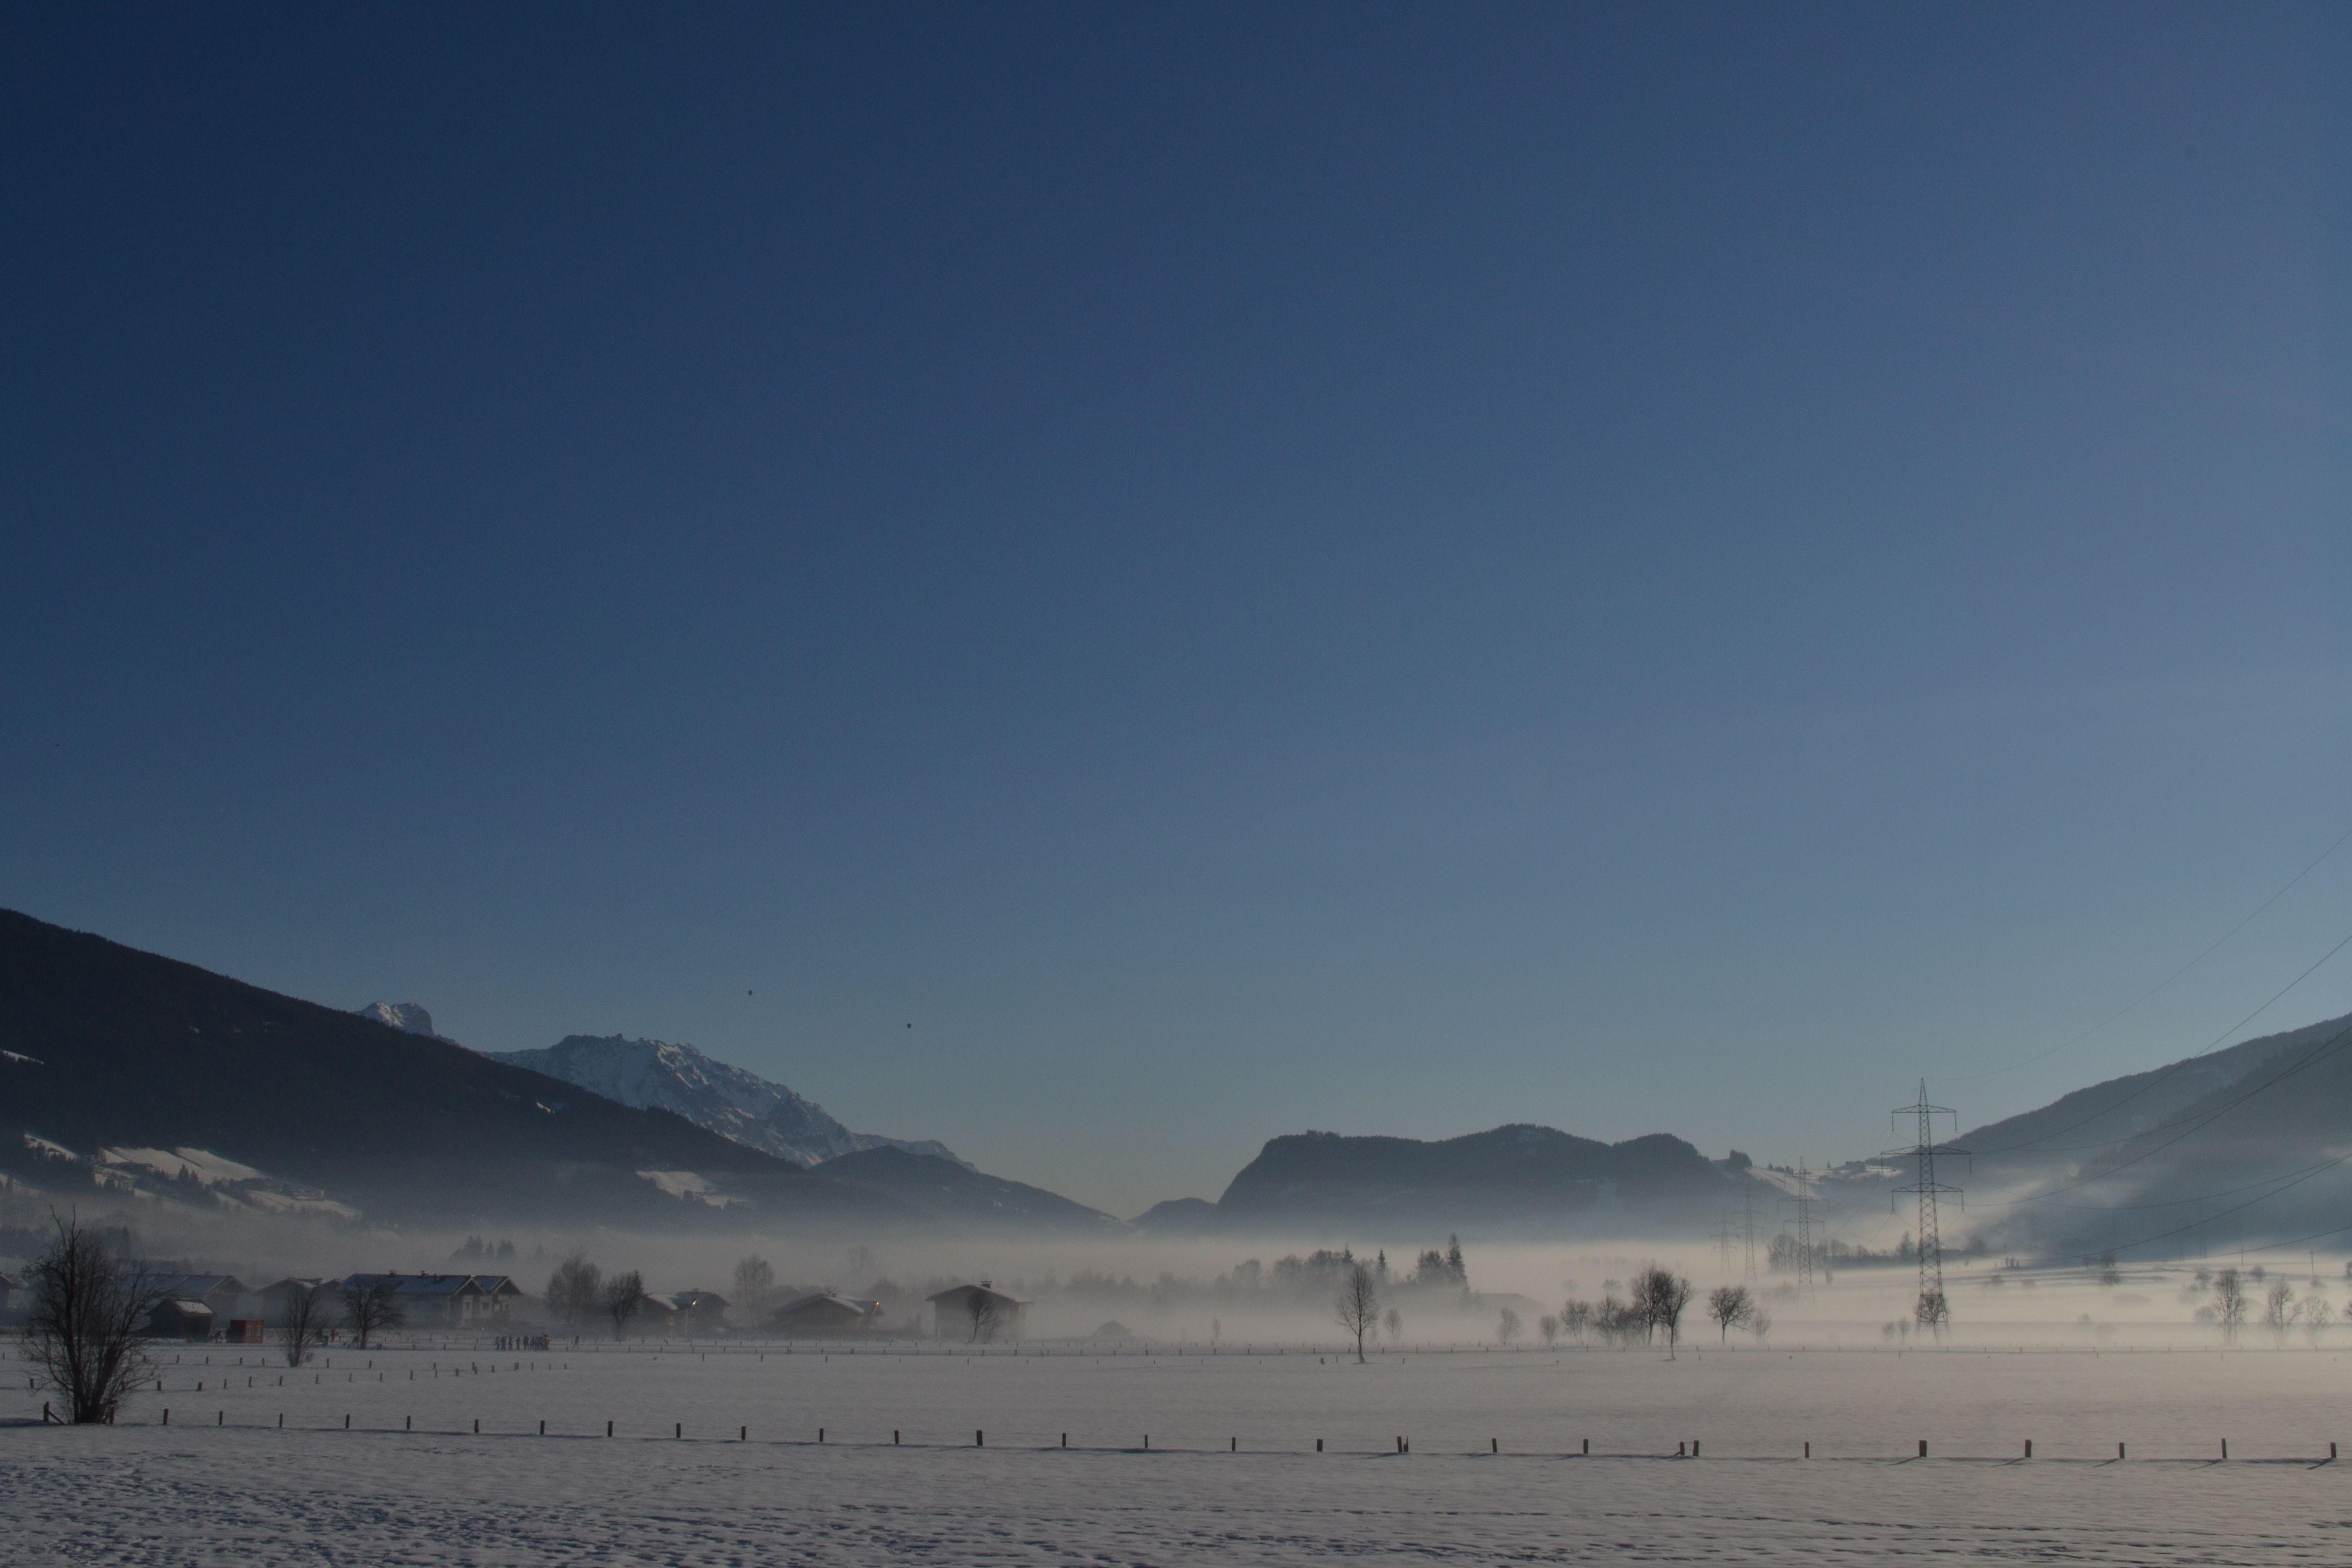 oostenrijkse spreuken Winter im Altenmarkt, Oostenrijk | Mooie plaatjes | Pinterest | Winter oostenrijkse spreuken